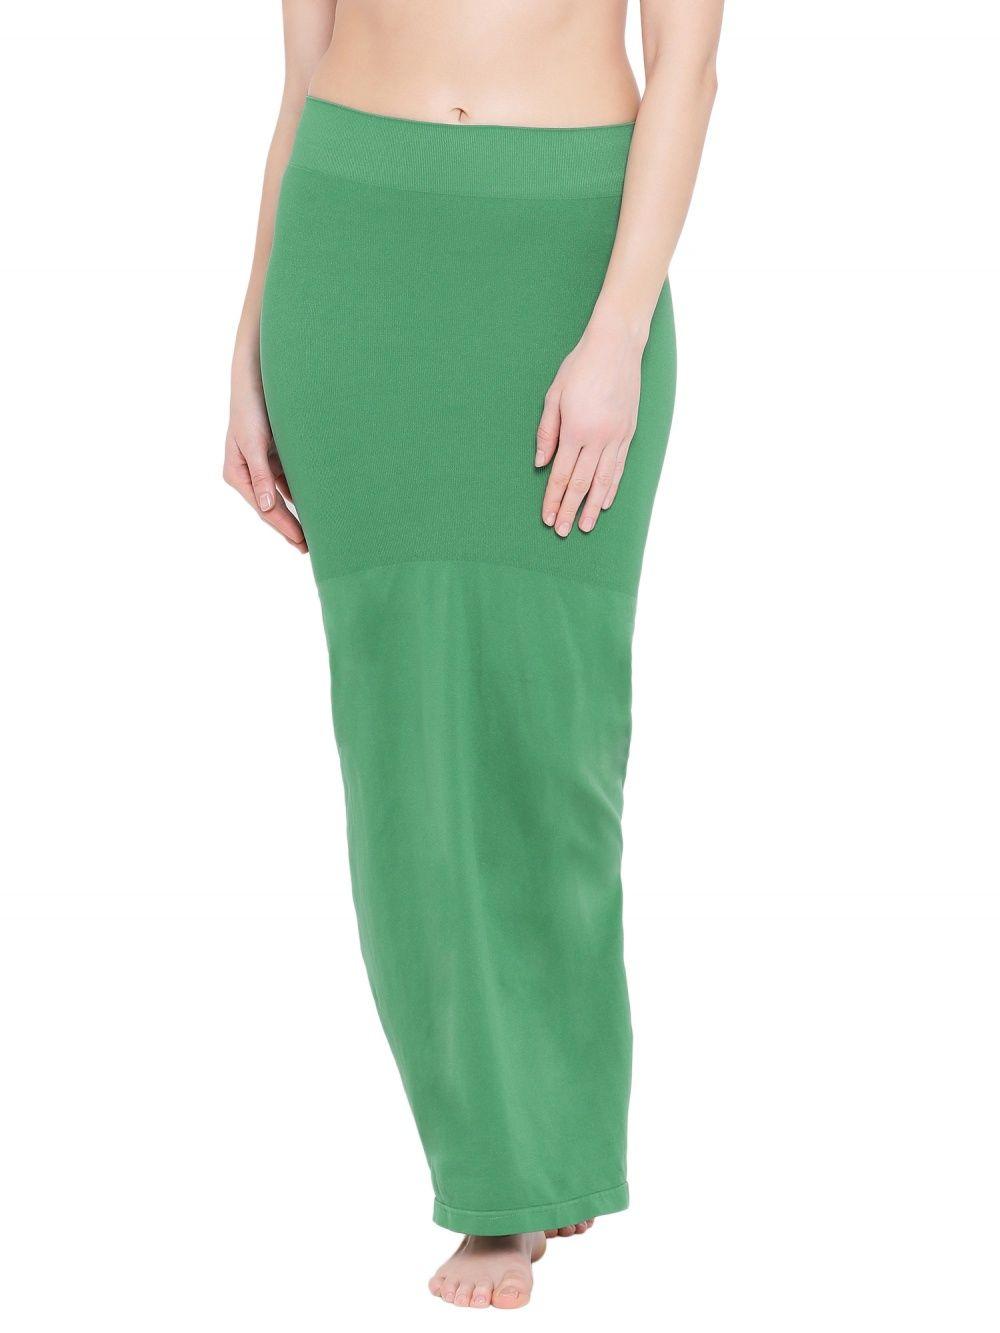 40c802a0c7d2 Clovia Saree Shapewear : Buy Clovia Saree Shapewear Online | Nykaa ...